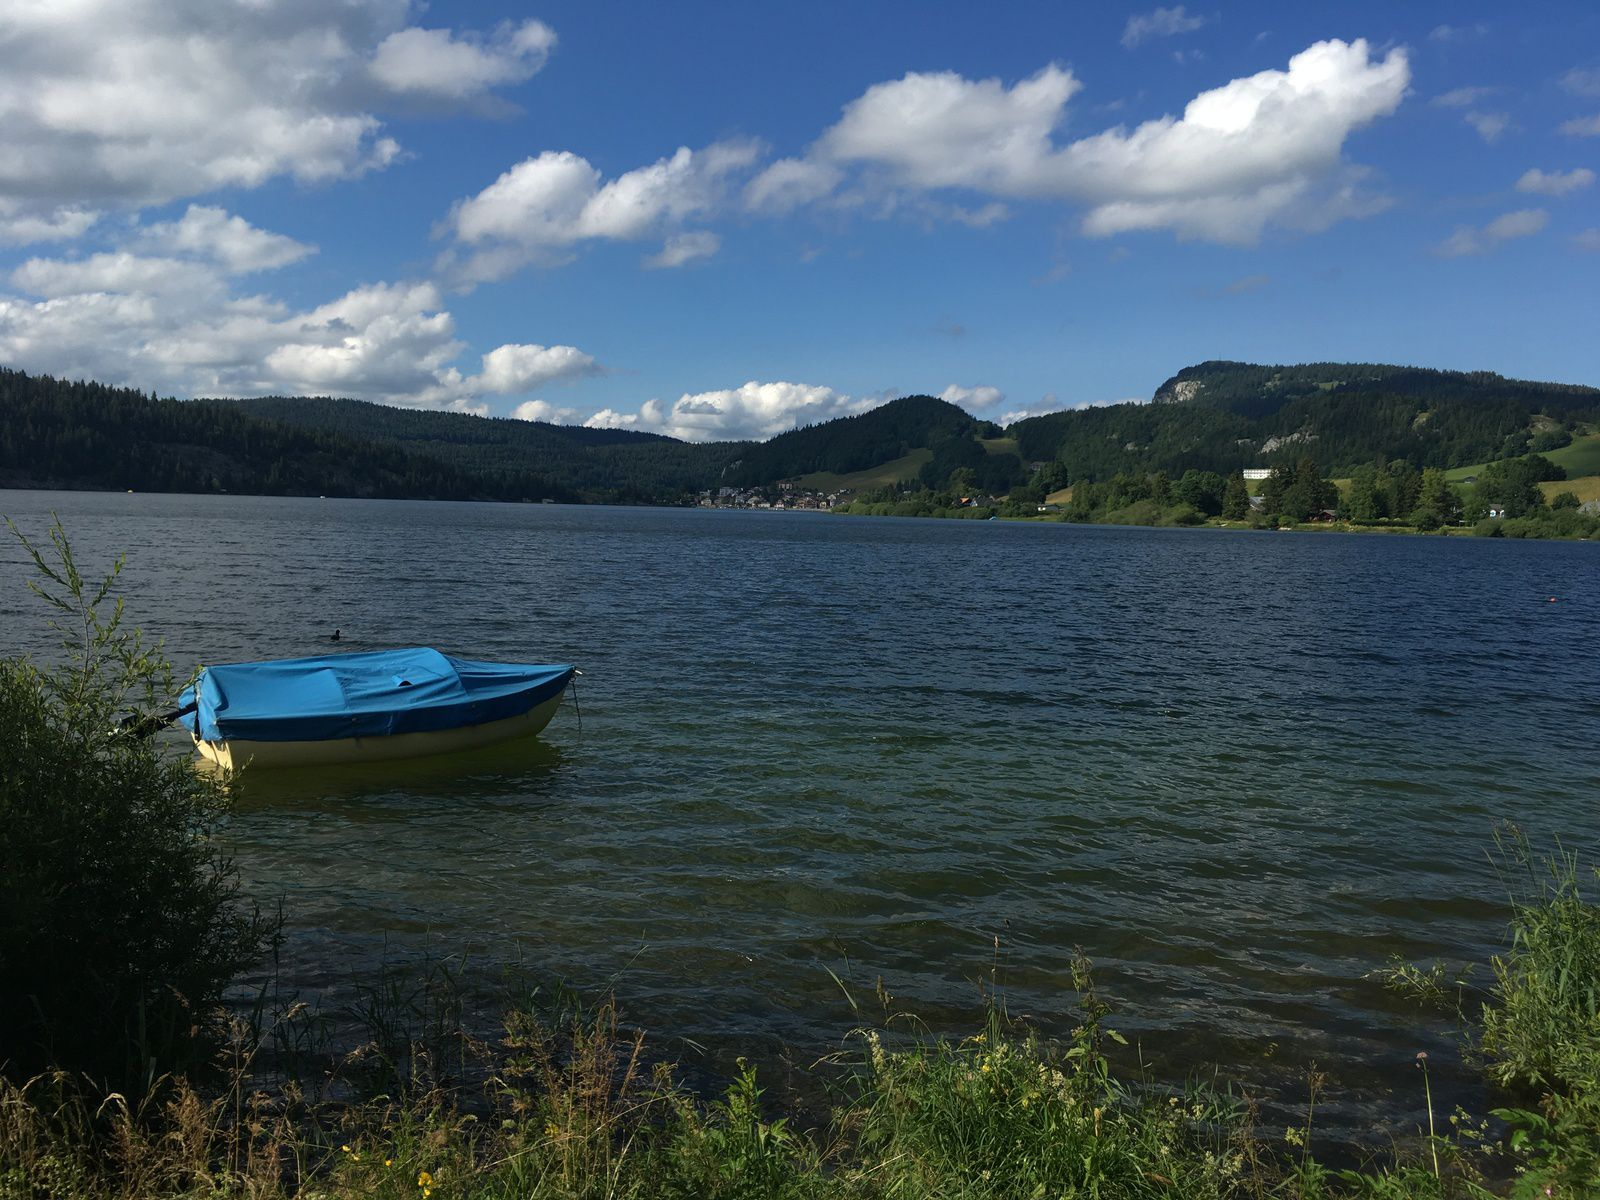 11 juillet 2021 : Tour du lac de Joux (Suisse)